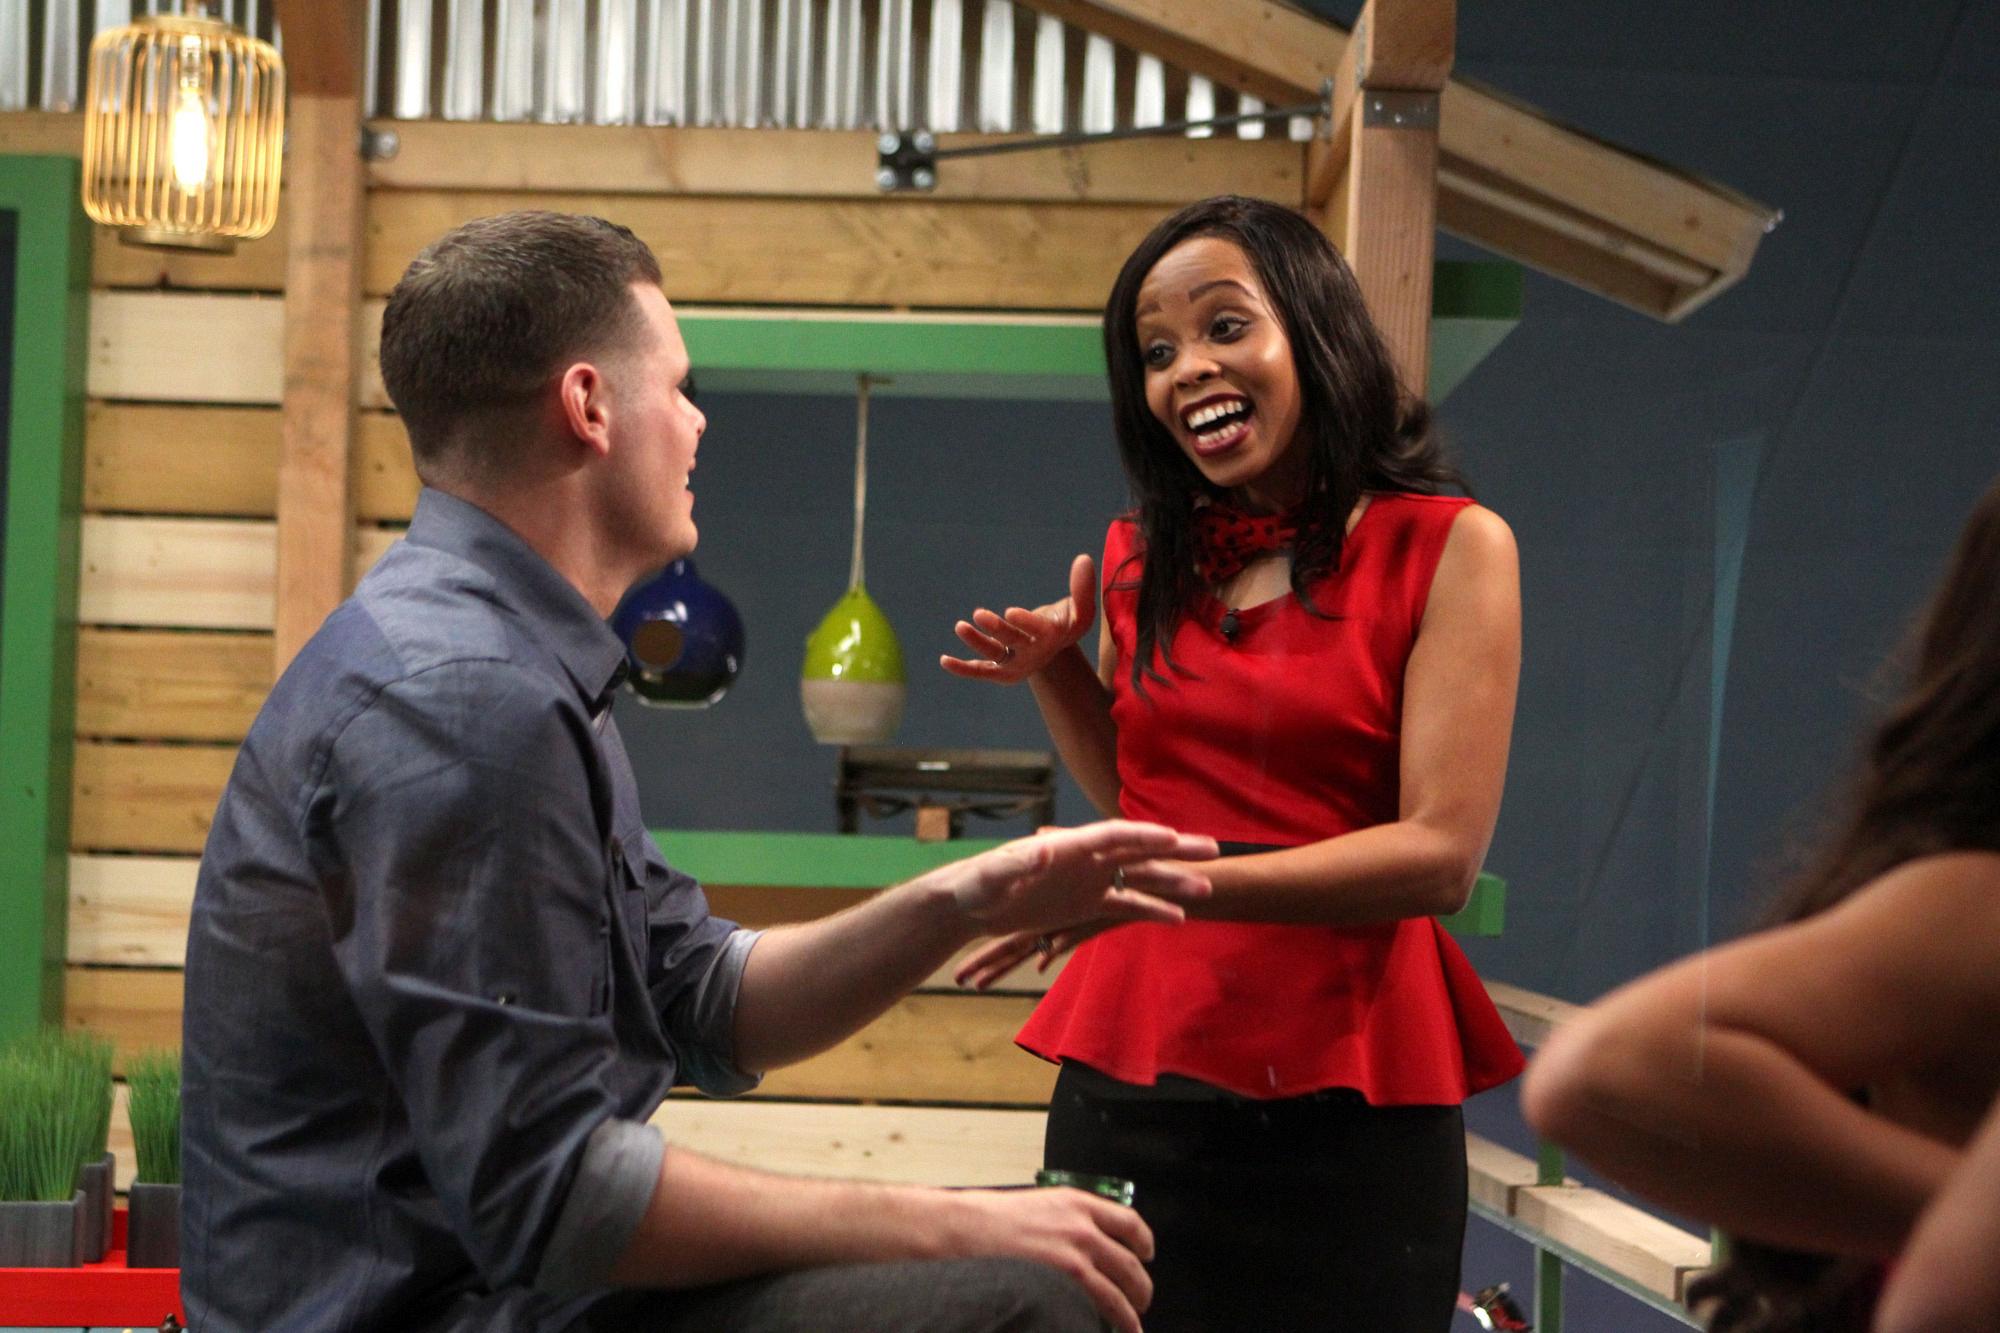 Derrick and Jocasta